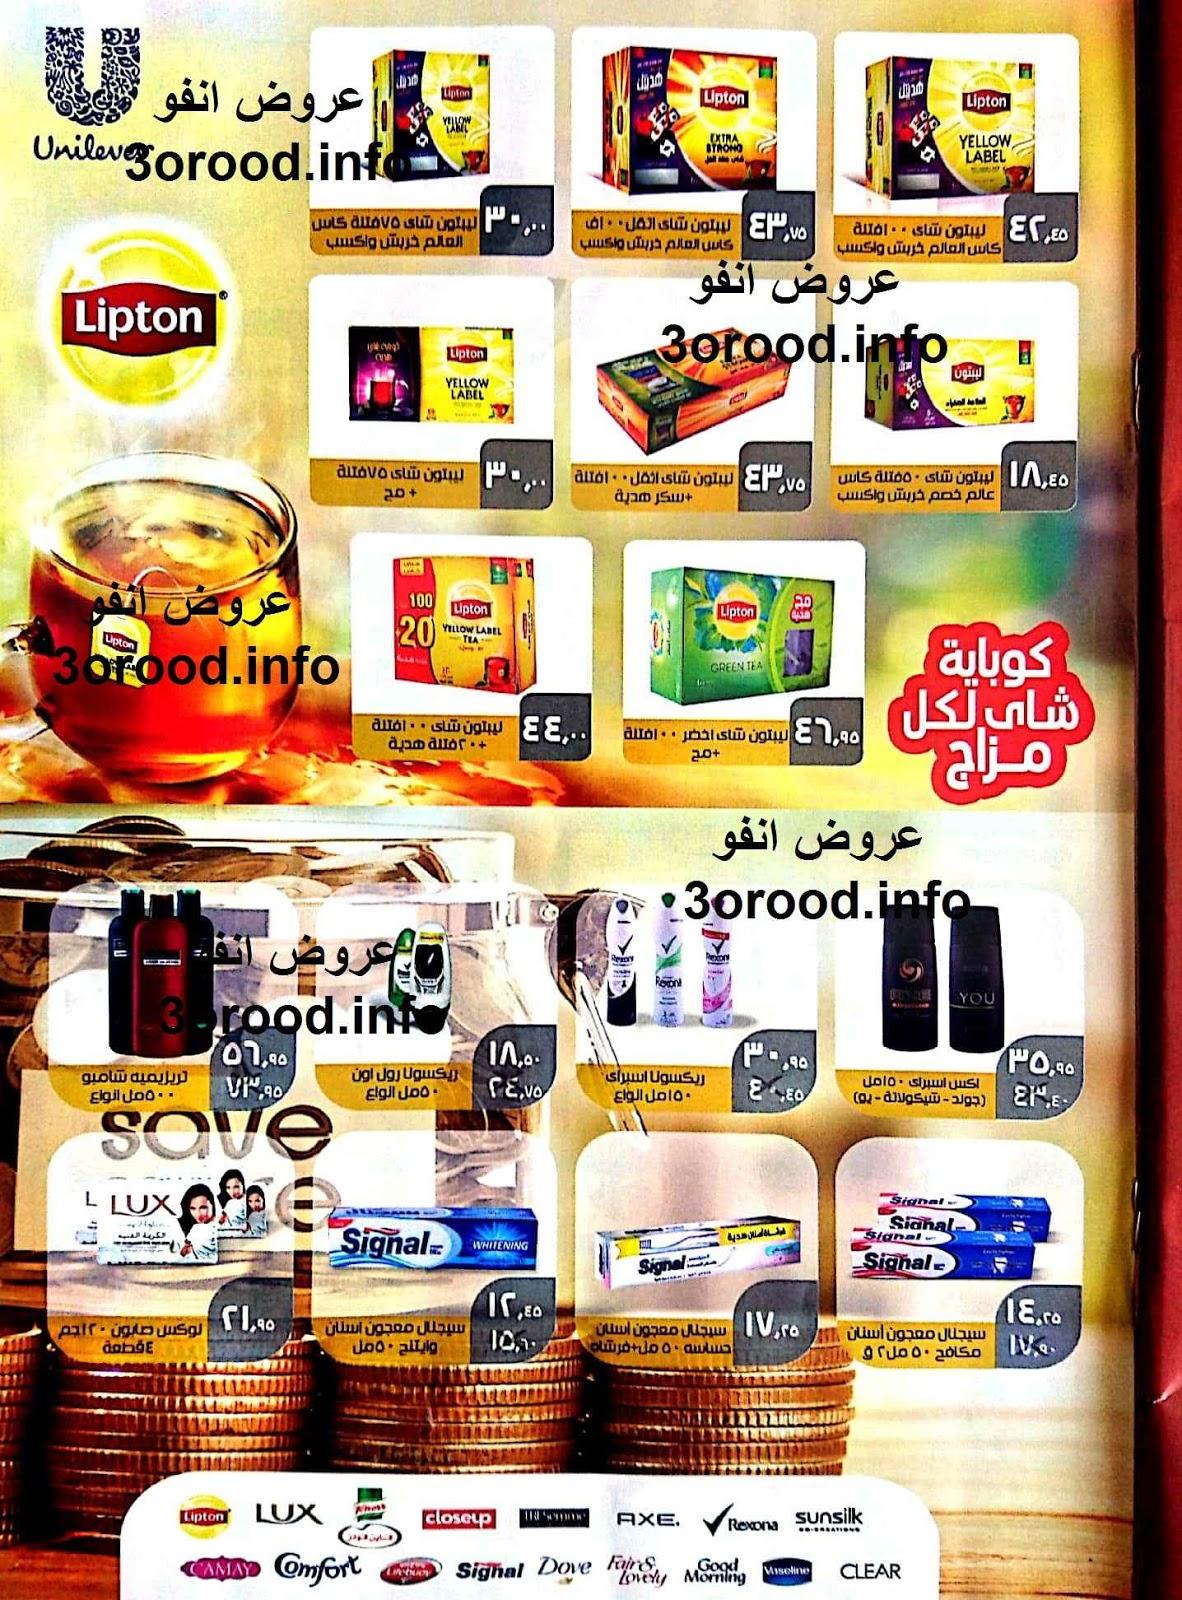 عروض سعودى ماركت من 2 اغسطس حتى 27 اغسطس 2018 عيد الاضحى